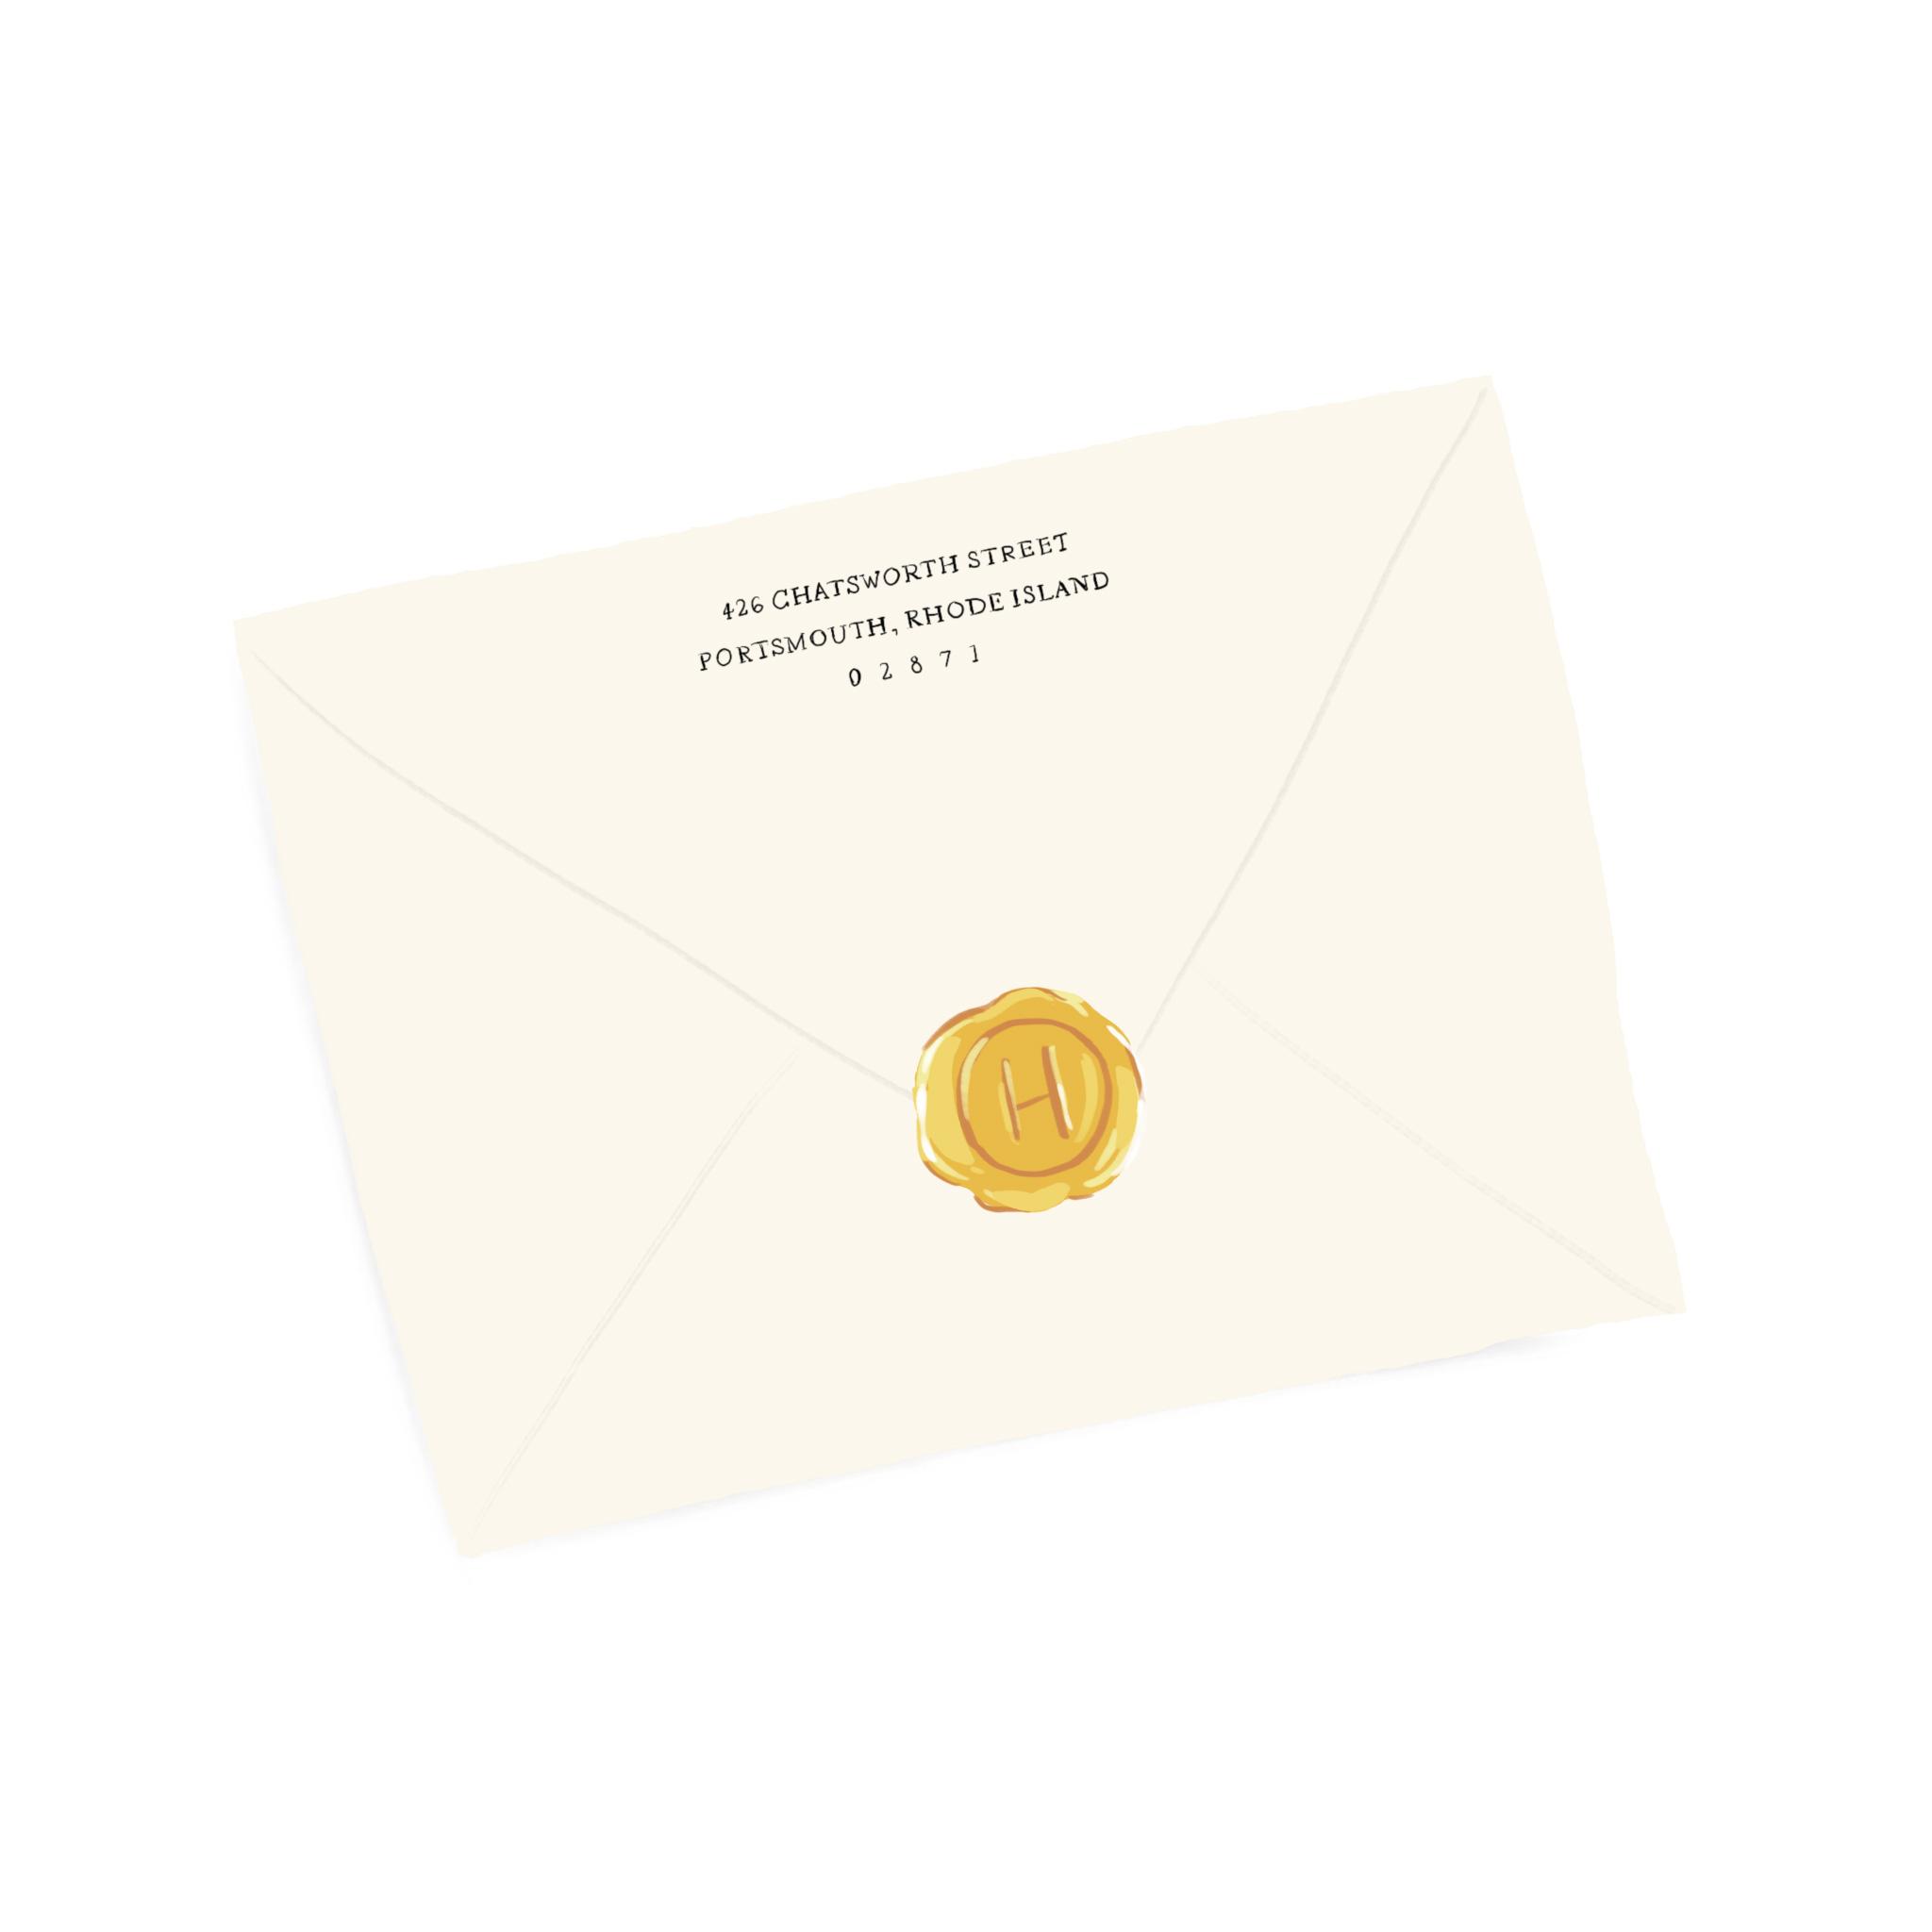 EtiquetteGuide_Envelopes_Return.jpg